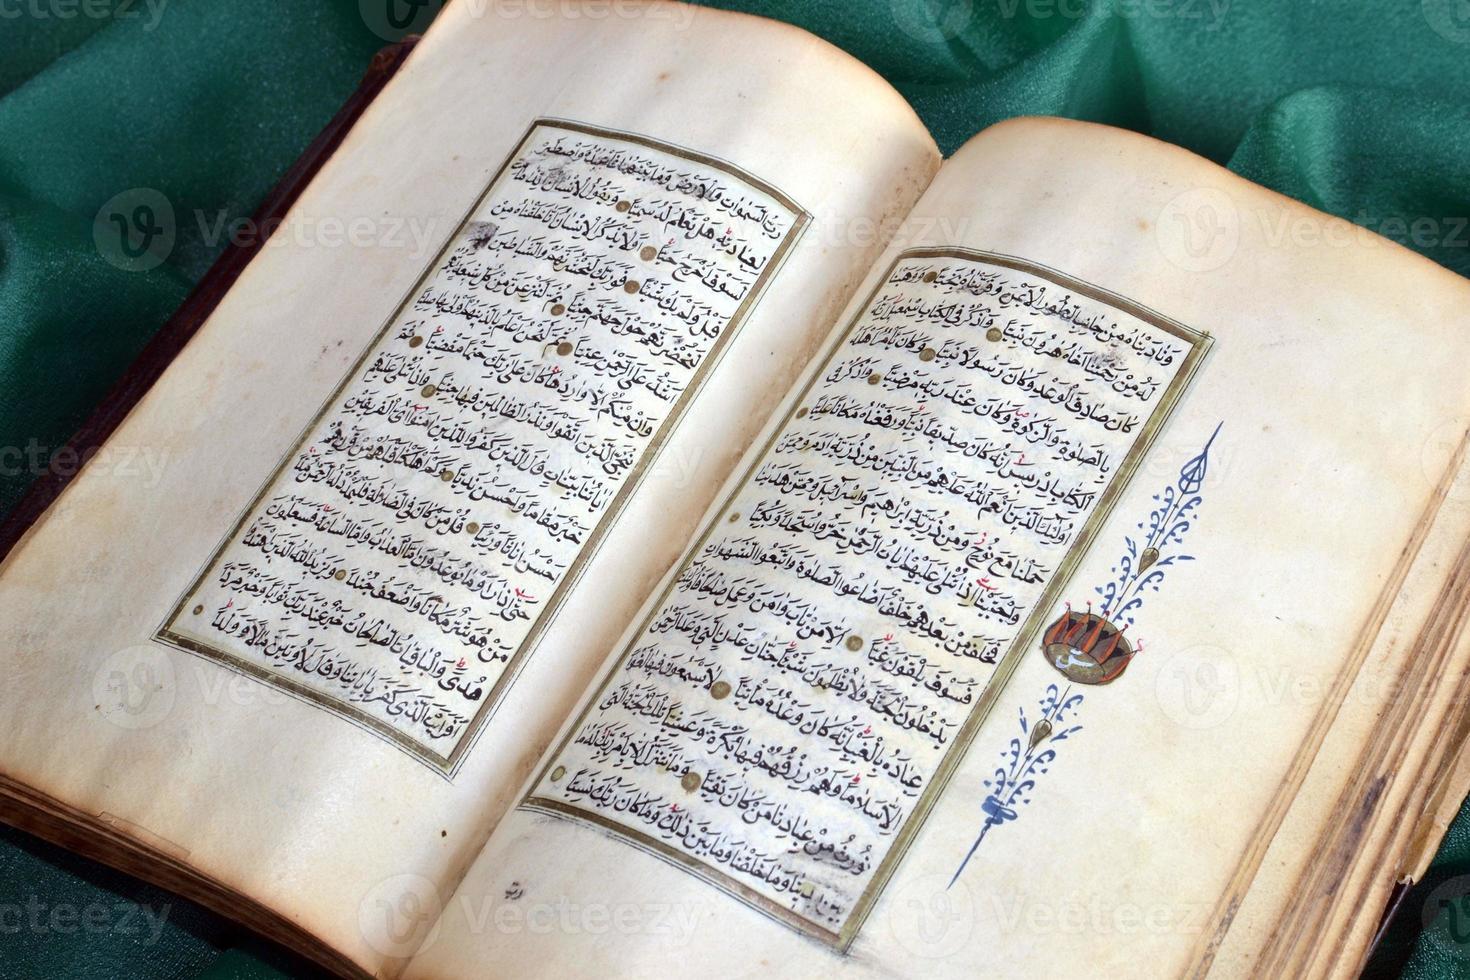 Qur'an Koran photo